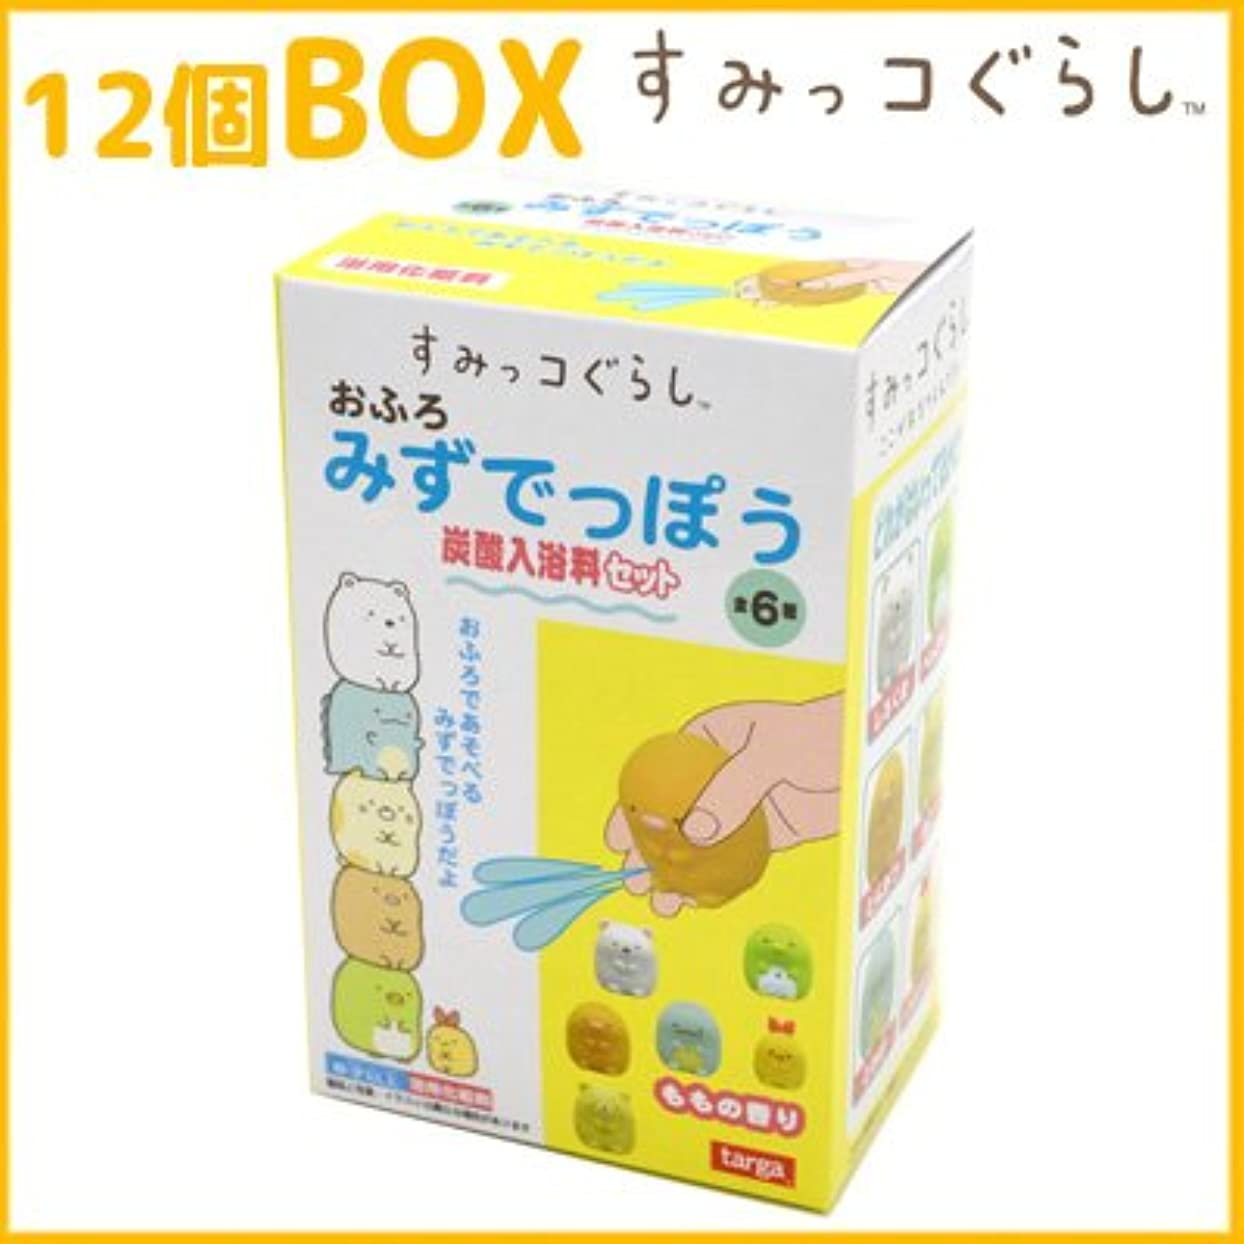 芸術行うペストリーすみっコぐらしおふろみずてっぽう炭酸入浴剤セット12個セットBOX販売